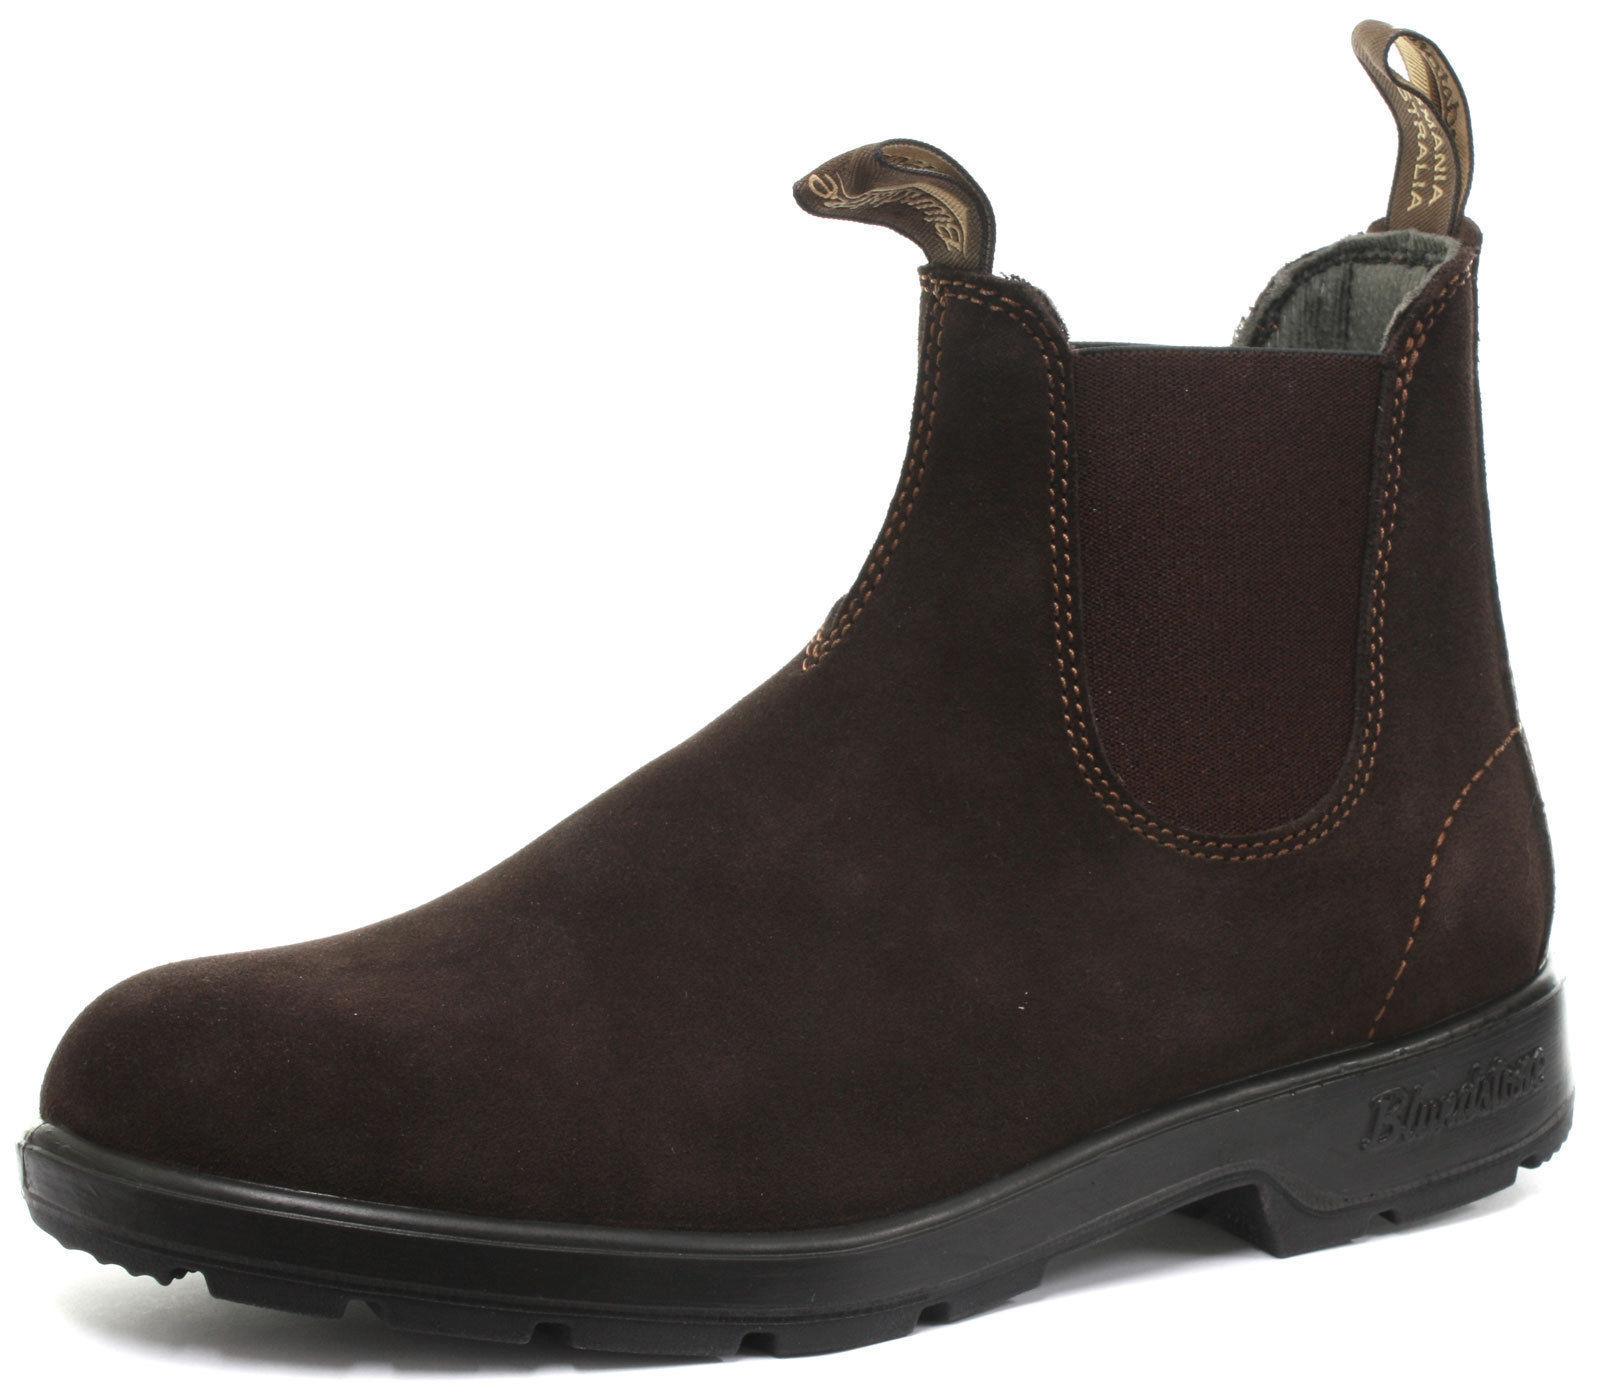 New Blaundstone 1458 braun Suede Unisex Leather Chelsea Stiefel ALL GrößeS